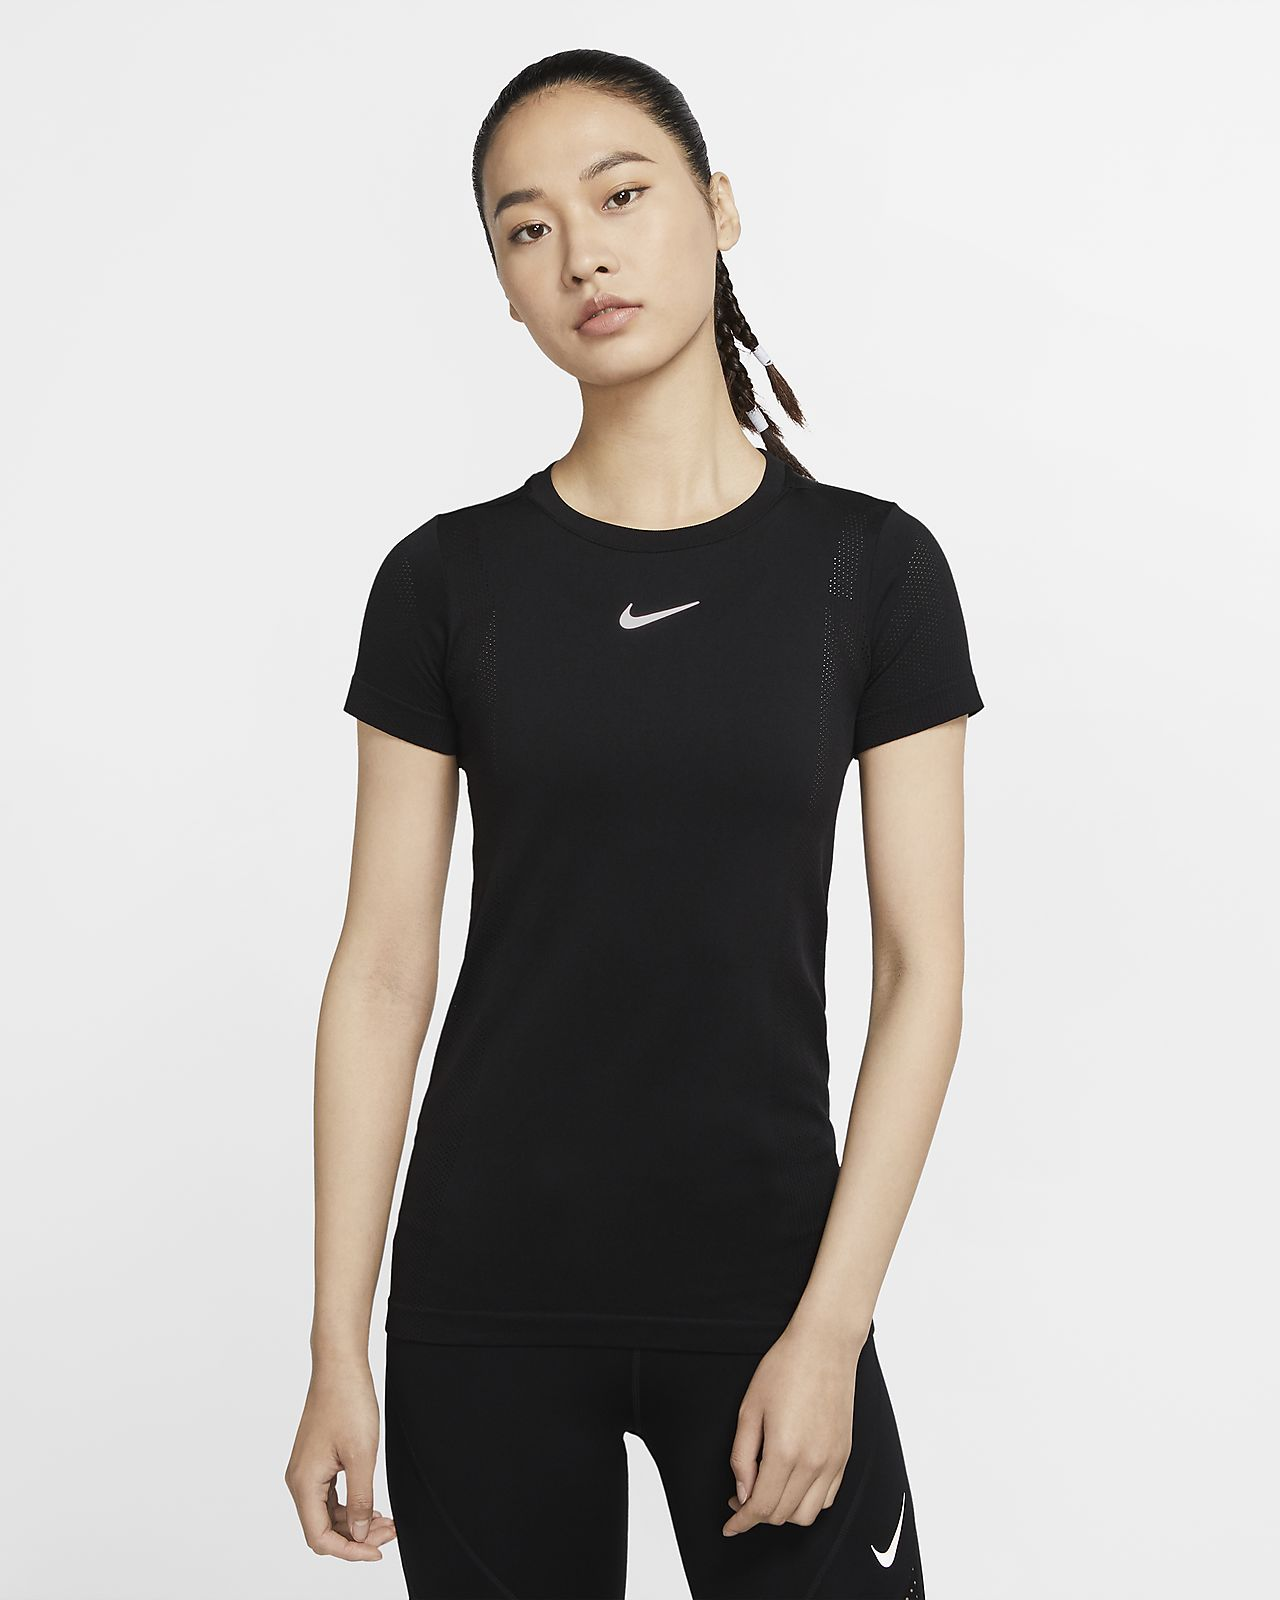 Nike Infinite Damen-Laufoberteil